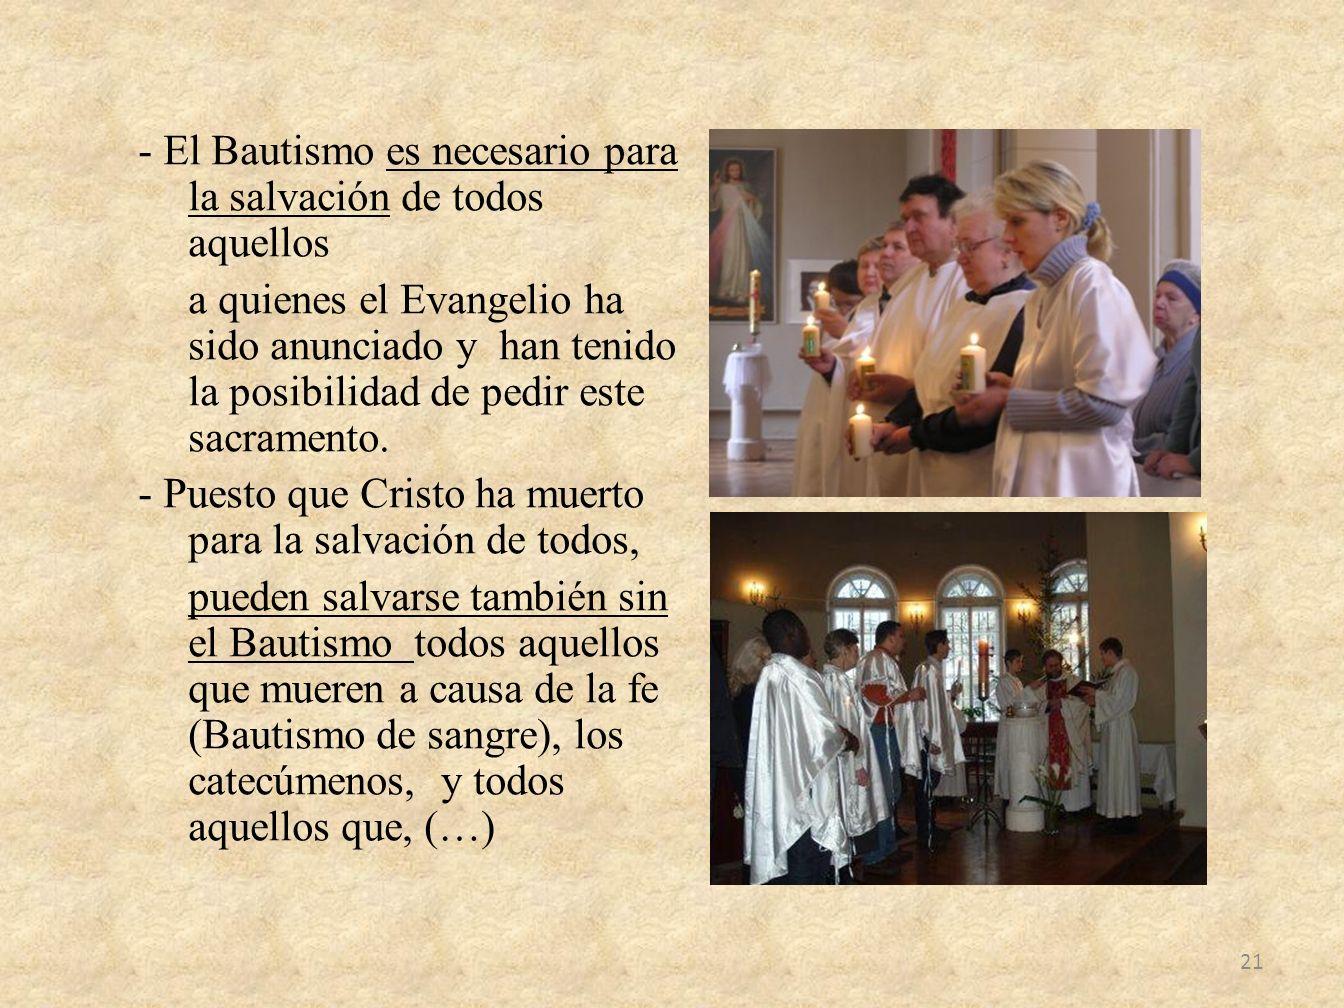 - El Bautismo es necesario para la salvación de todos aquellos a quienes el Evangelio ha sido anunciado y han tenido la posibilidad de pedir este sacramento.